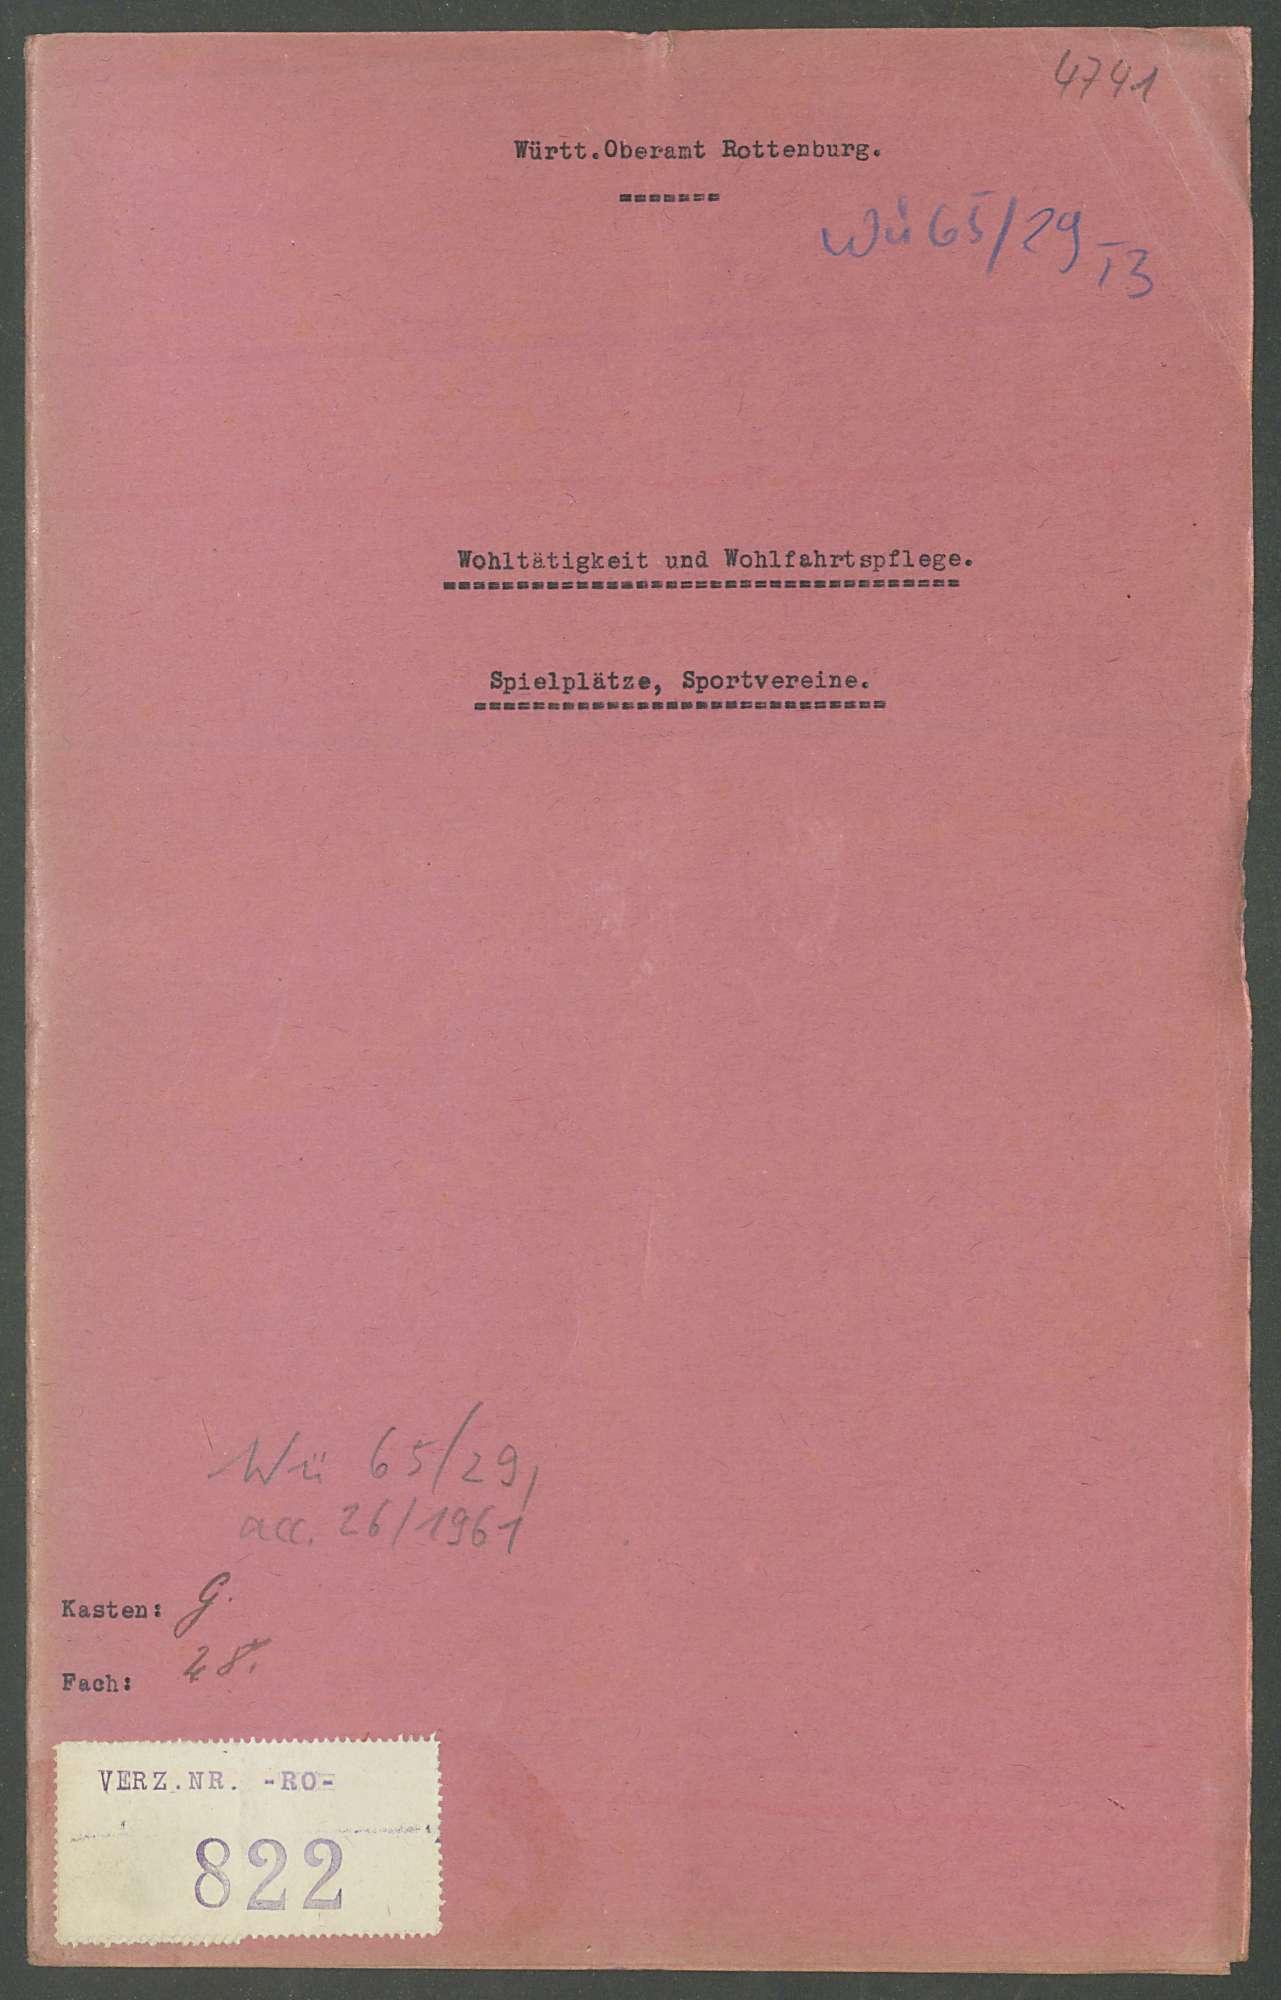 Wohltätigkeit und Wohlfahrtspflege, Spielplätze, Sportvereine: Allgemeines, Einzelfälle, Bild 1